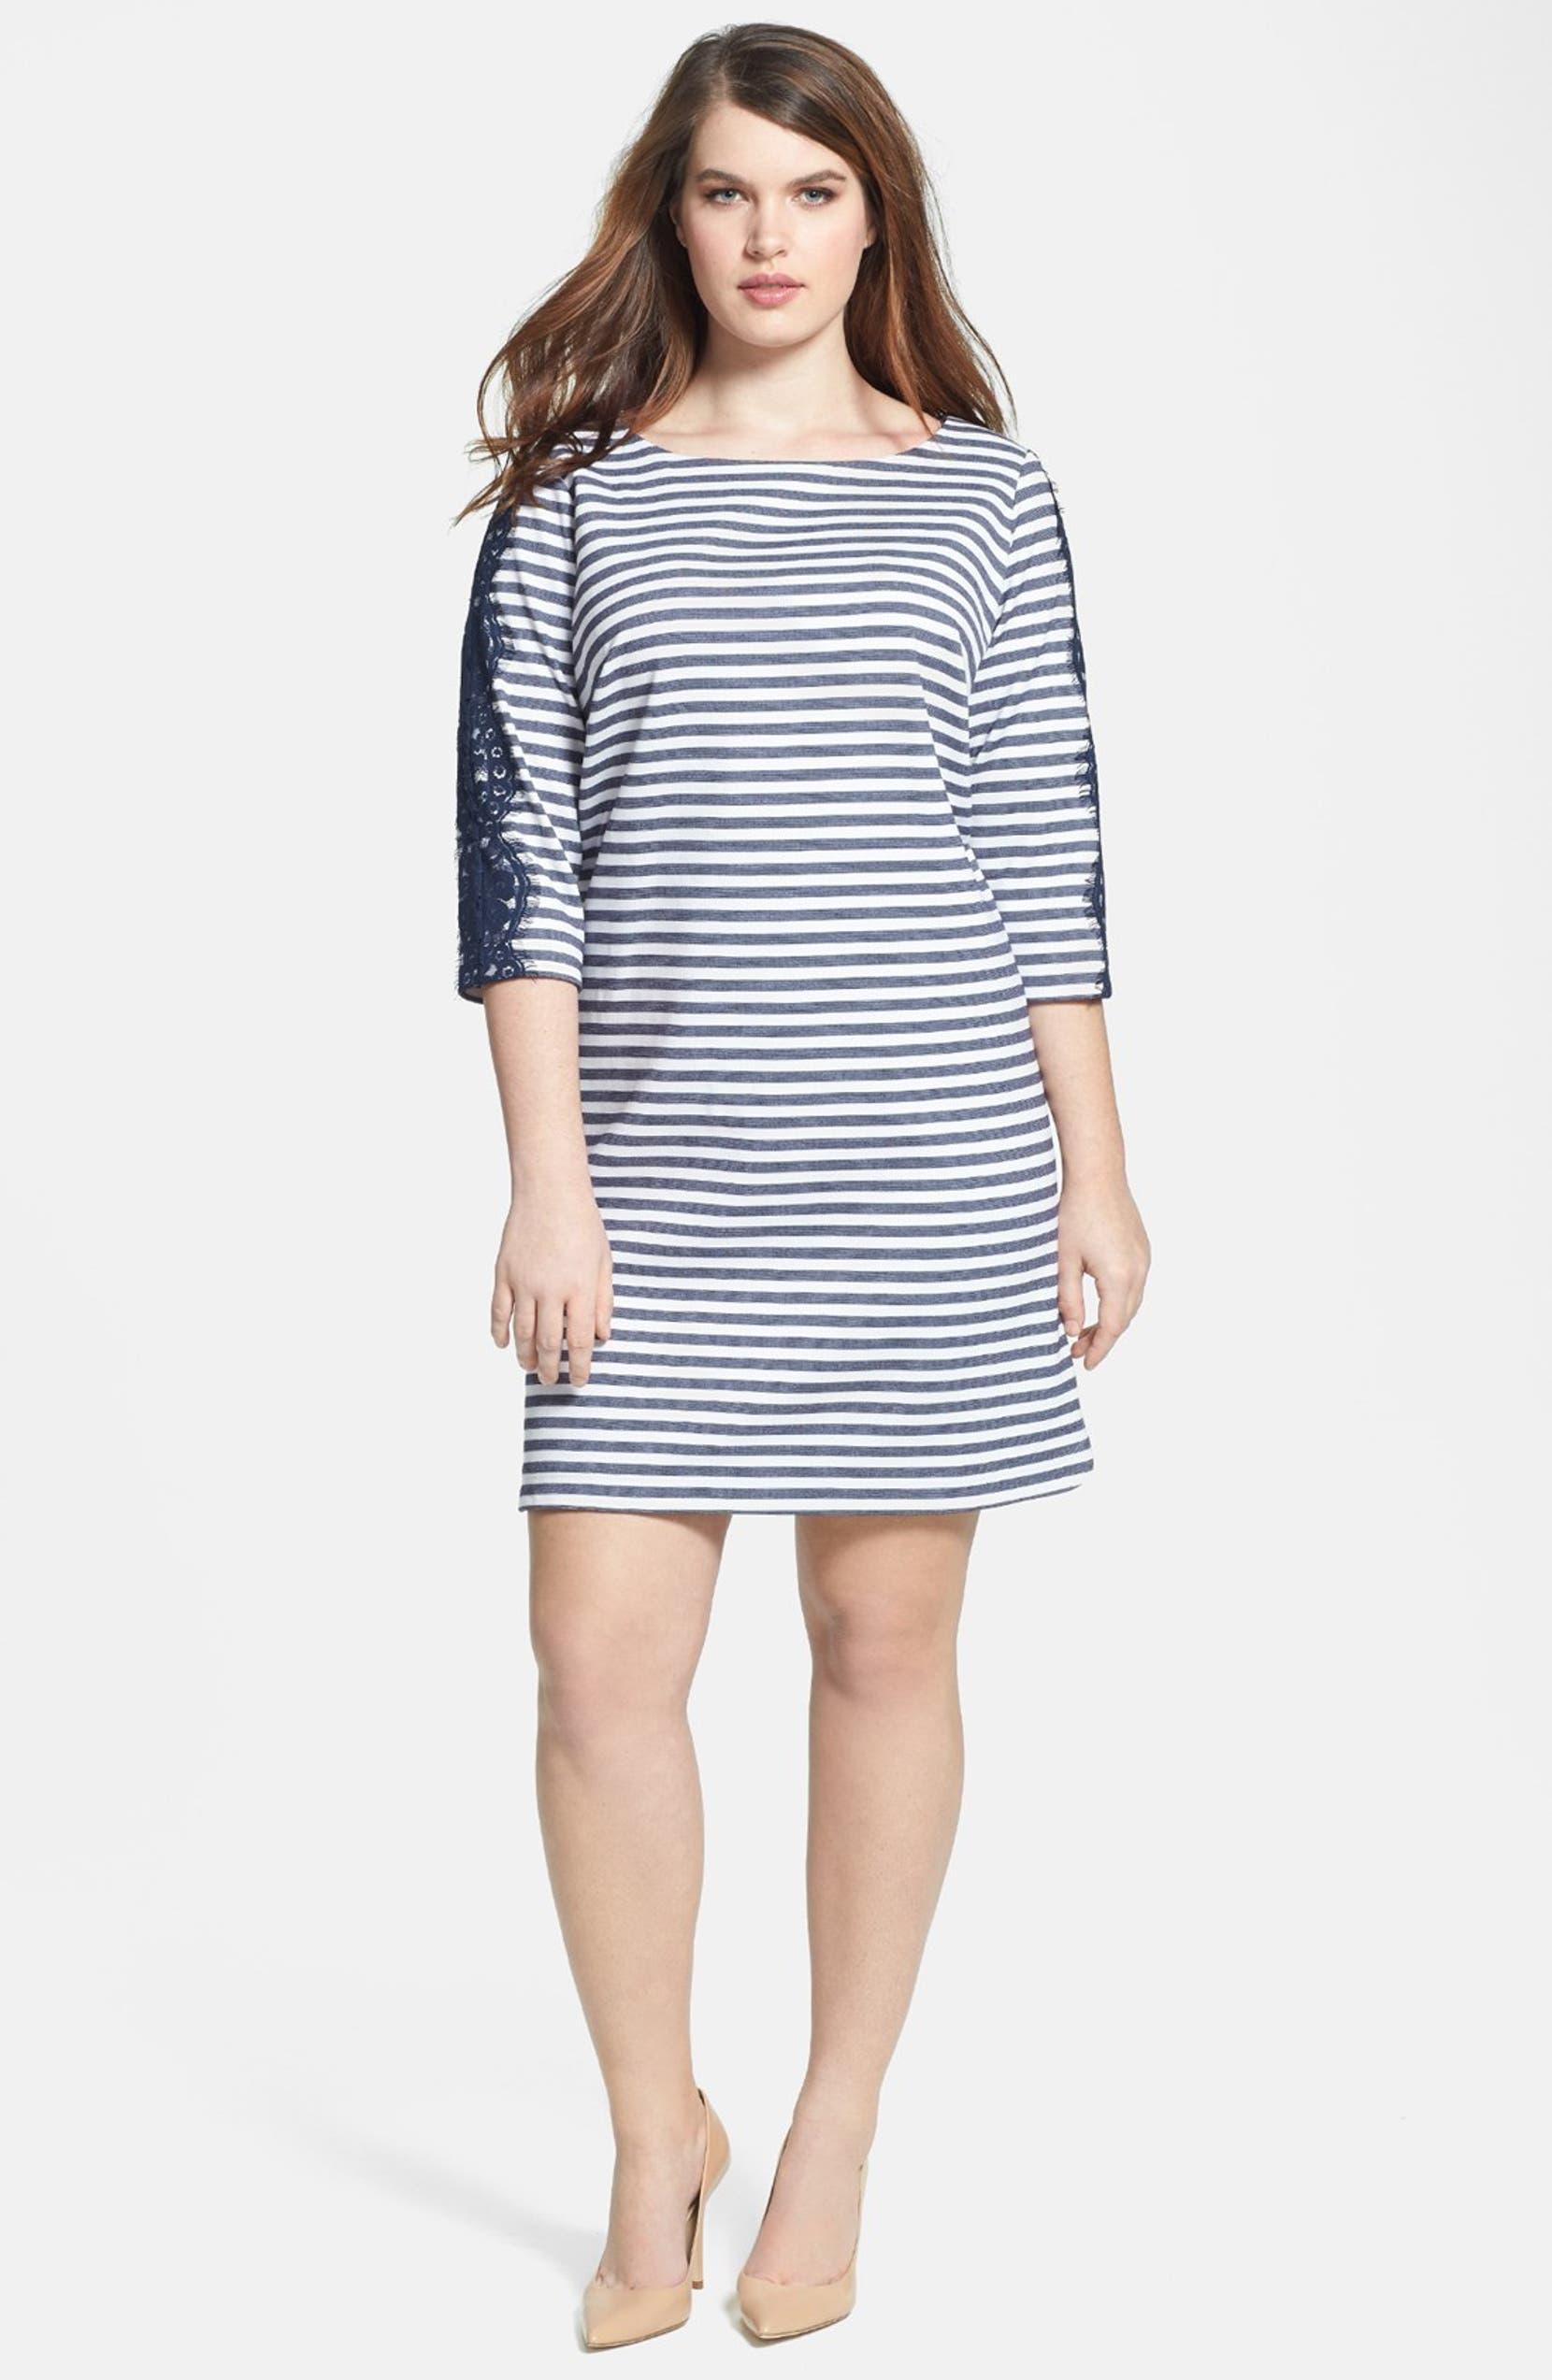 Stripe & Lace Ponte Knit Shift Dress